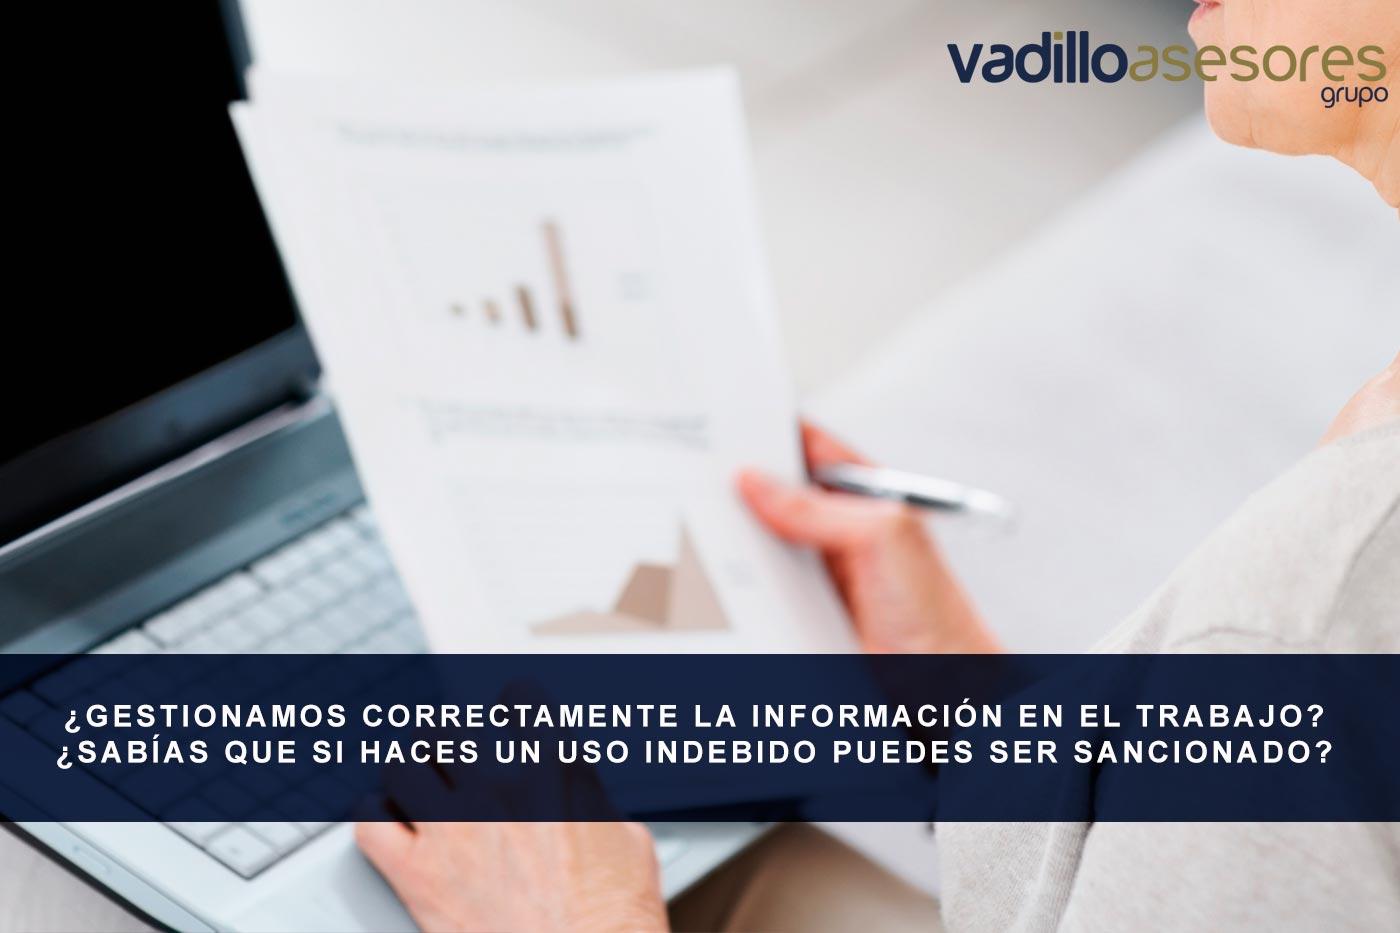 ¿Gestionamos correctamente la información en el trabajo? ¿Sabías que si haces un uso indebido puedes ser sancionado?